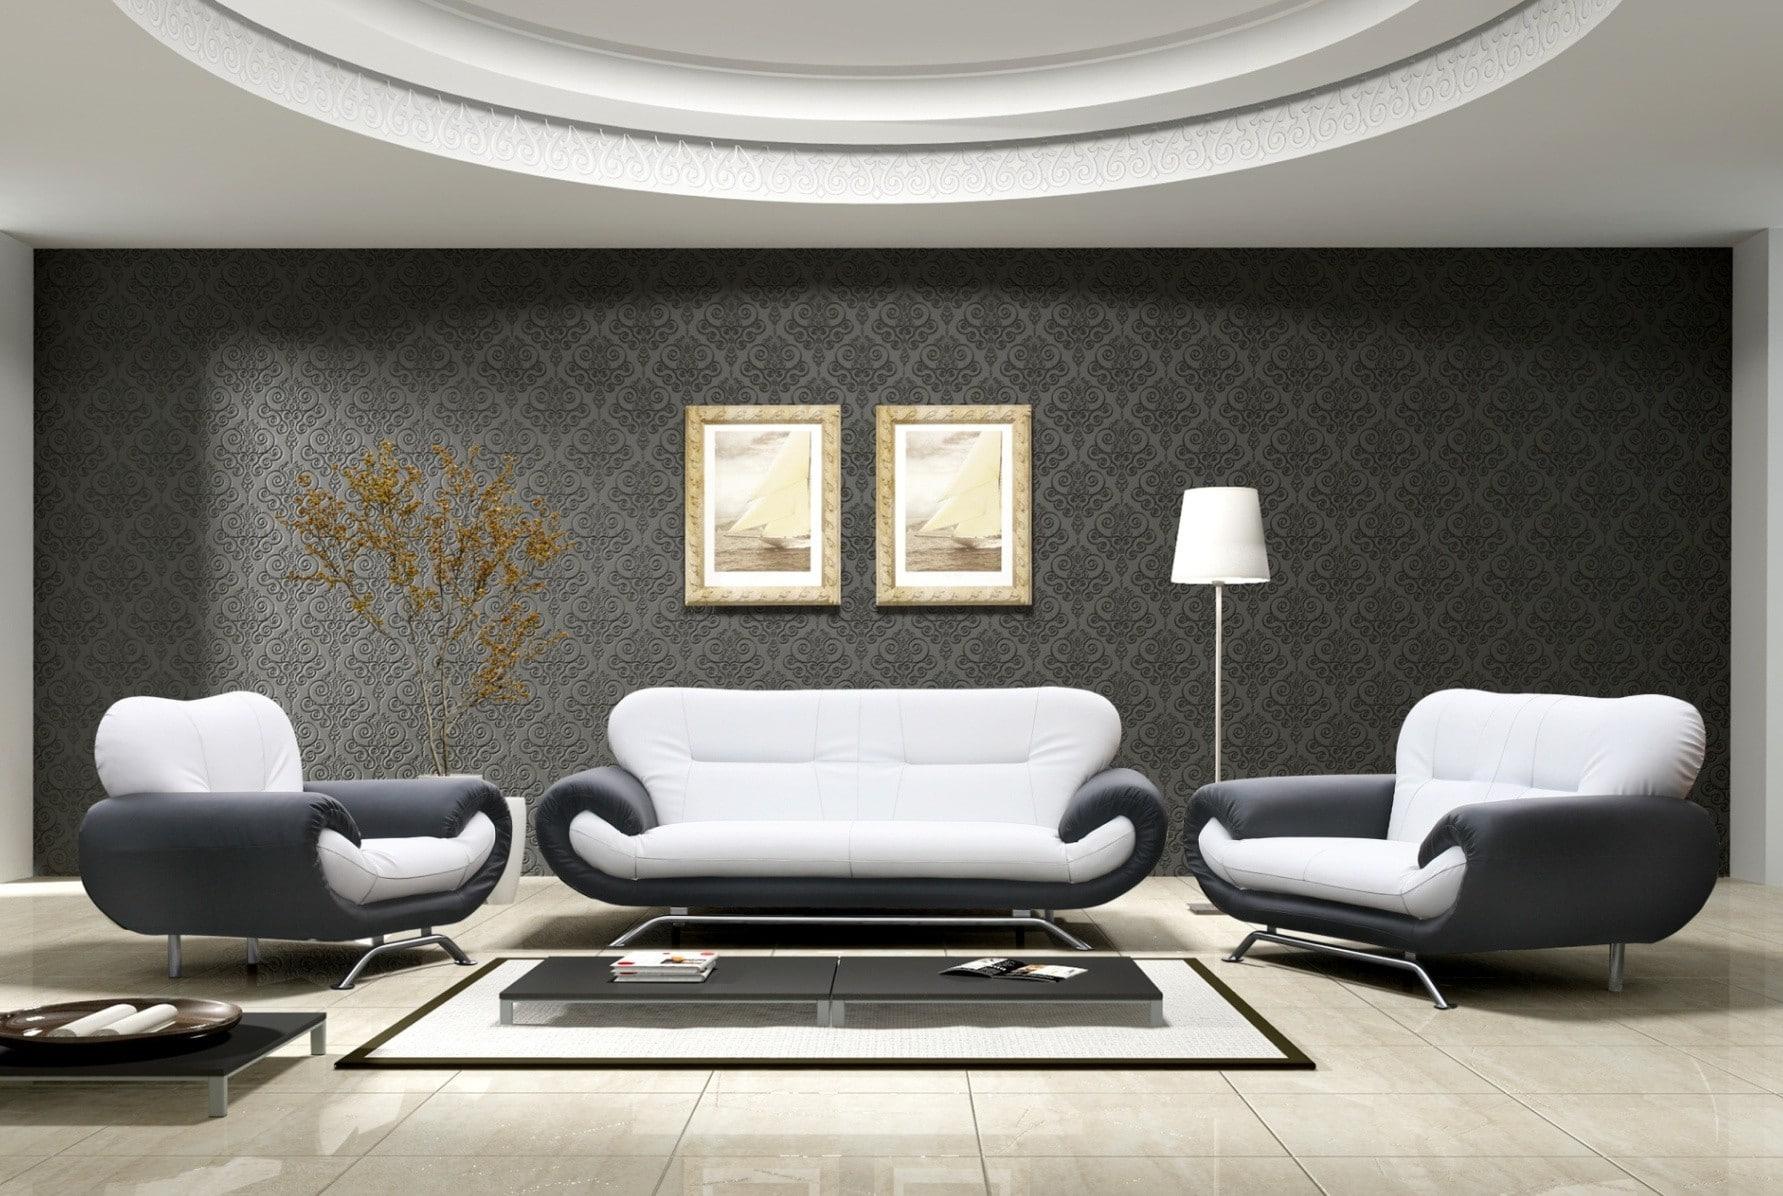 apporter la touche d co dans votre int rieur gr ce nos fauteuils le blog matelpro. Black Bedroom Furniture Sets. Home Design Ideas